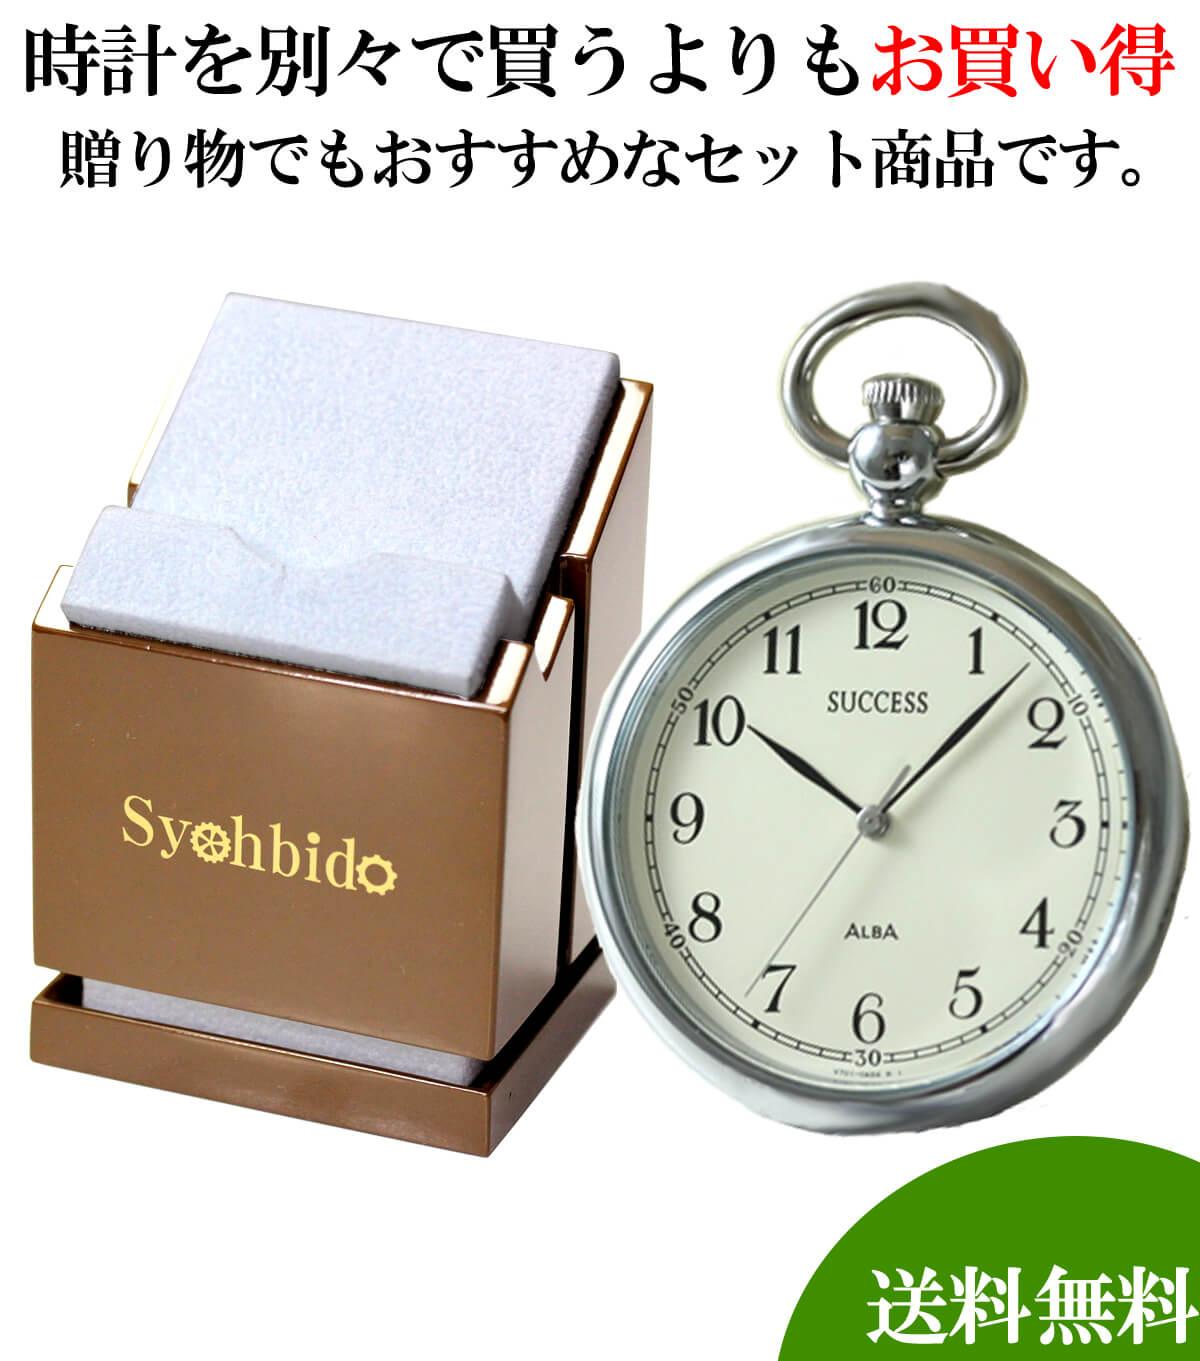 懐中時計と懐中時計専用スタンドのセット aabt063